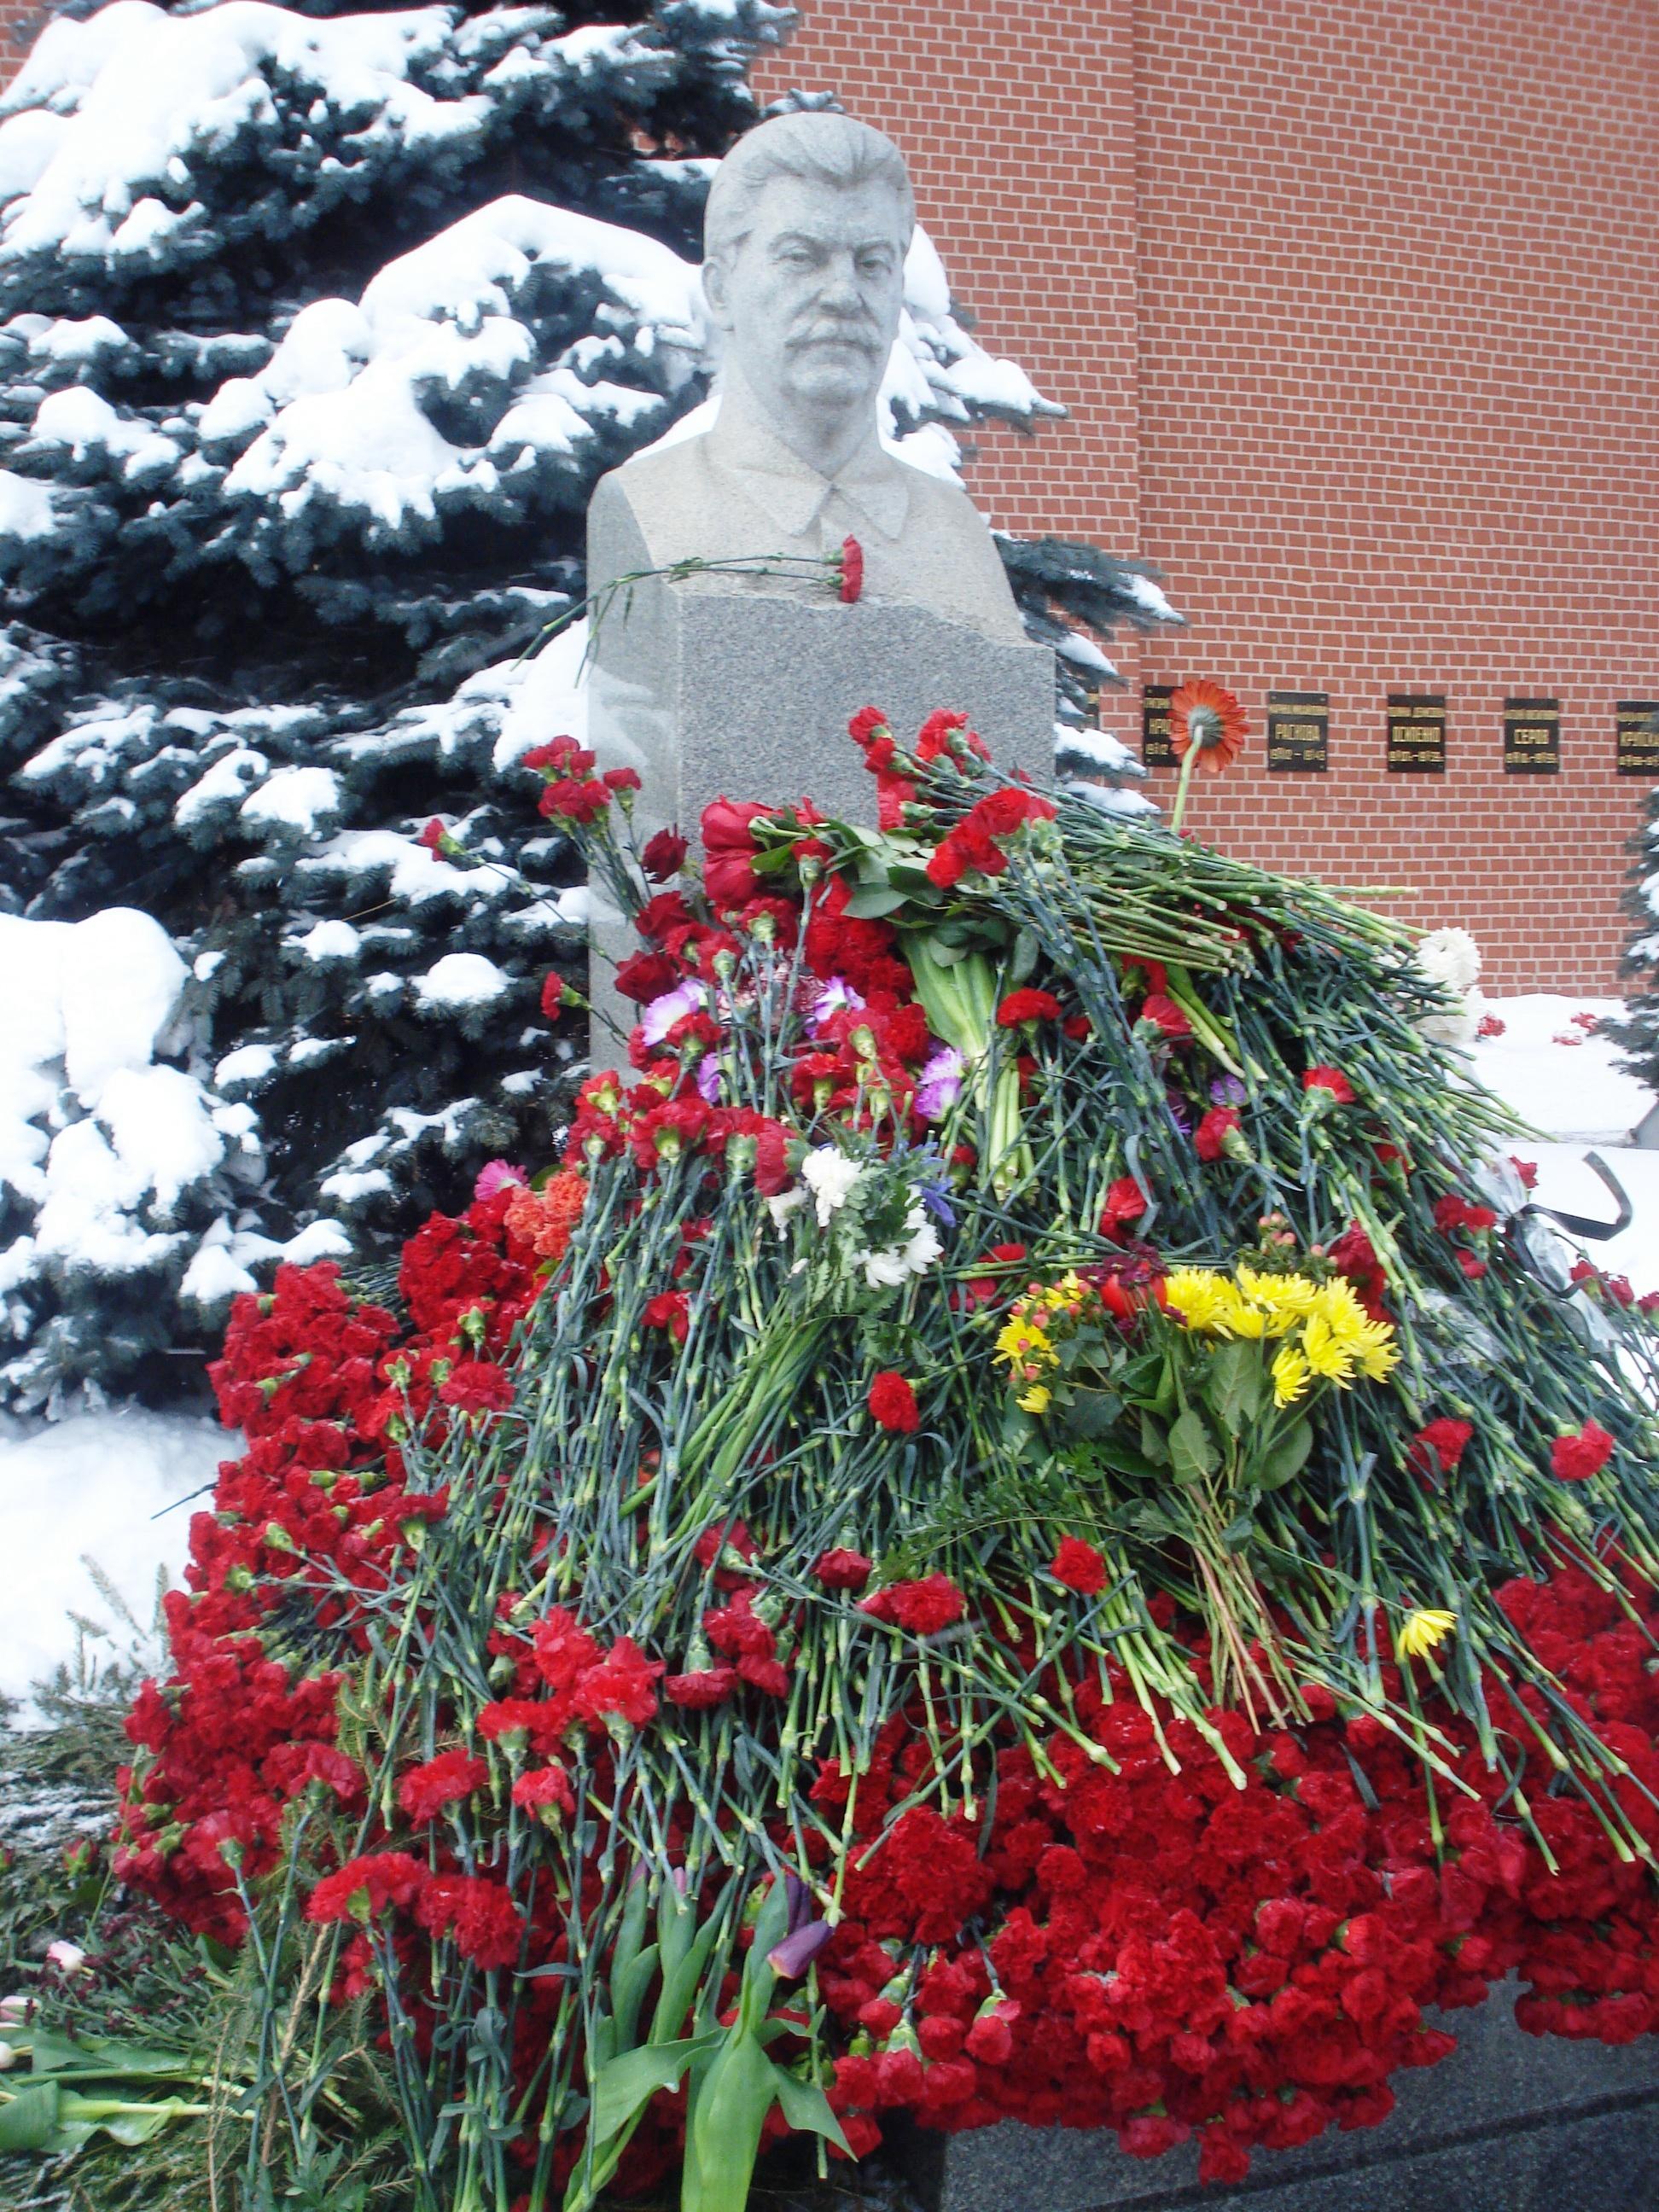 """5 марта 2018 года РОО """"Бородино 2045"""" приняло участие в возложении цветов к памятнику Сталина у Кремлёвской стены на Красной Площади в Москве в день памяти Иосифа Виссарионовича Сталина"""